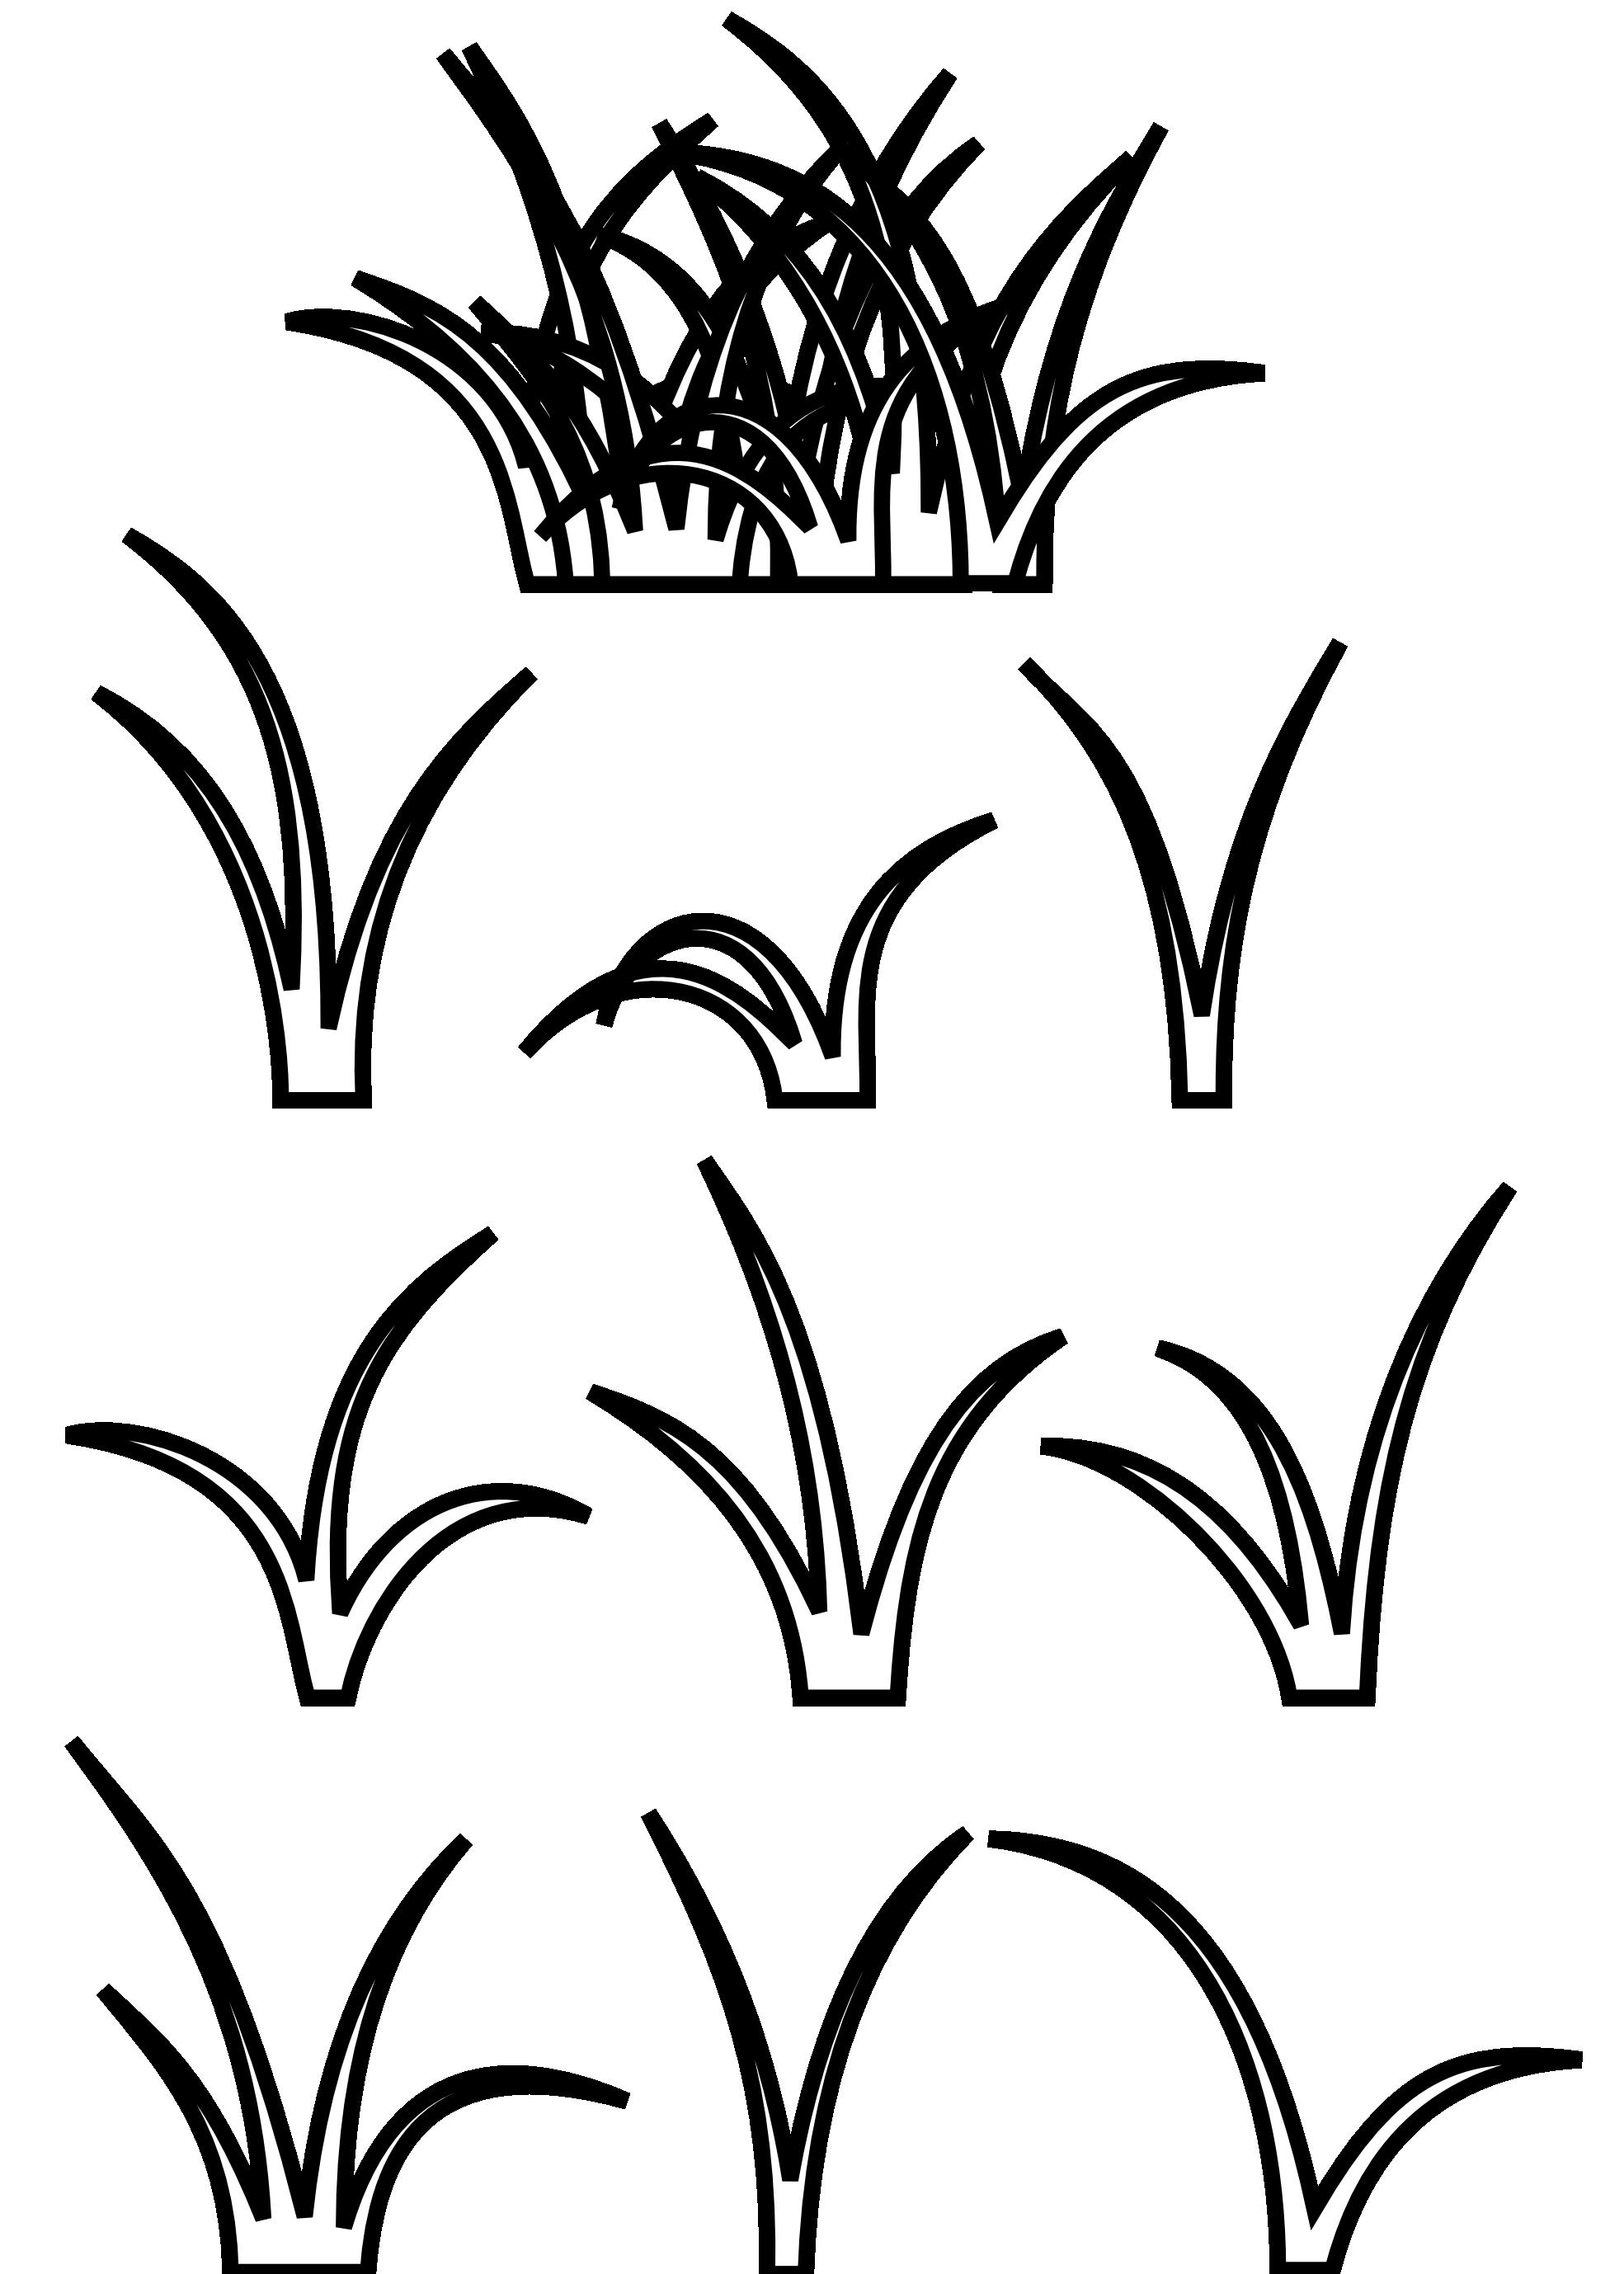 Grass clipart clipart